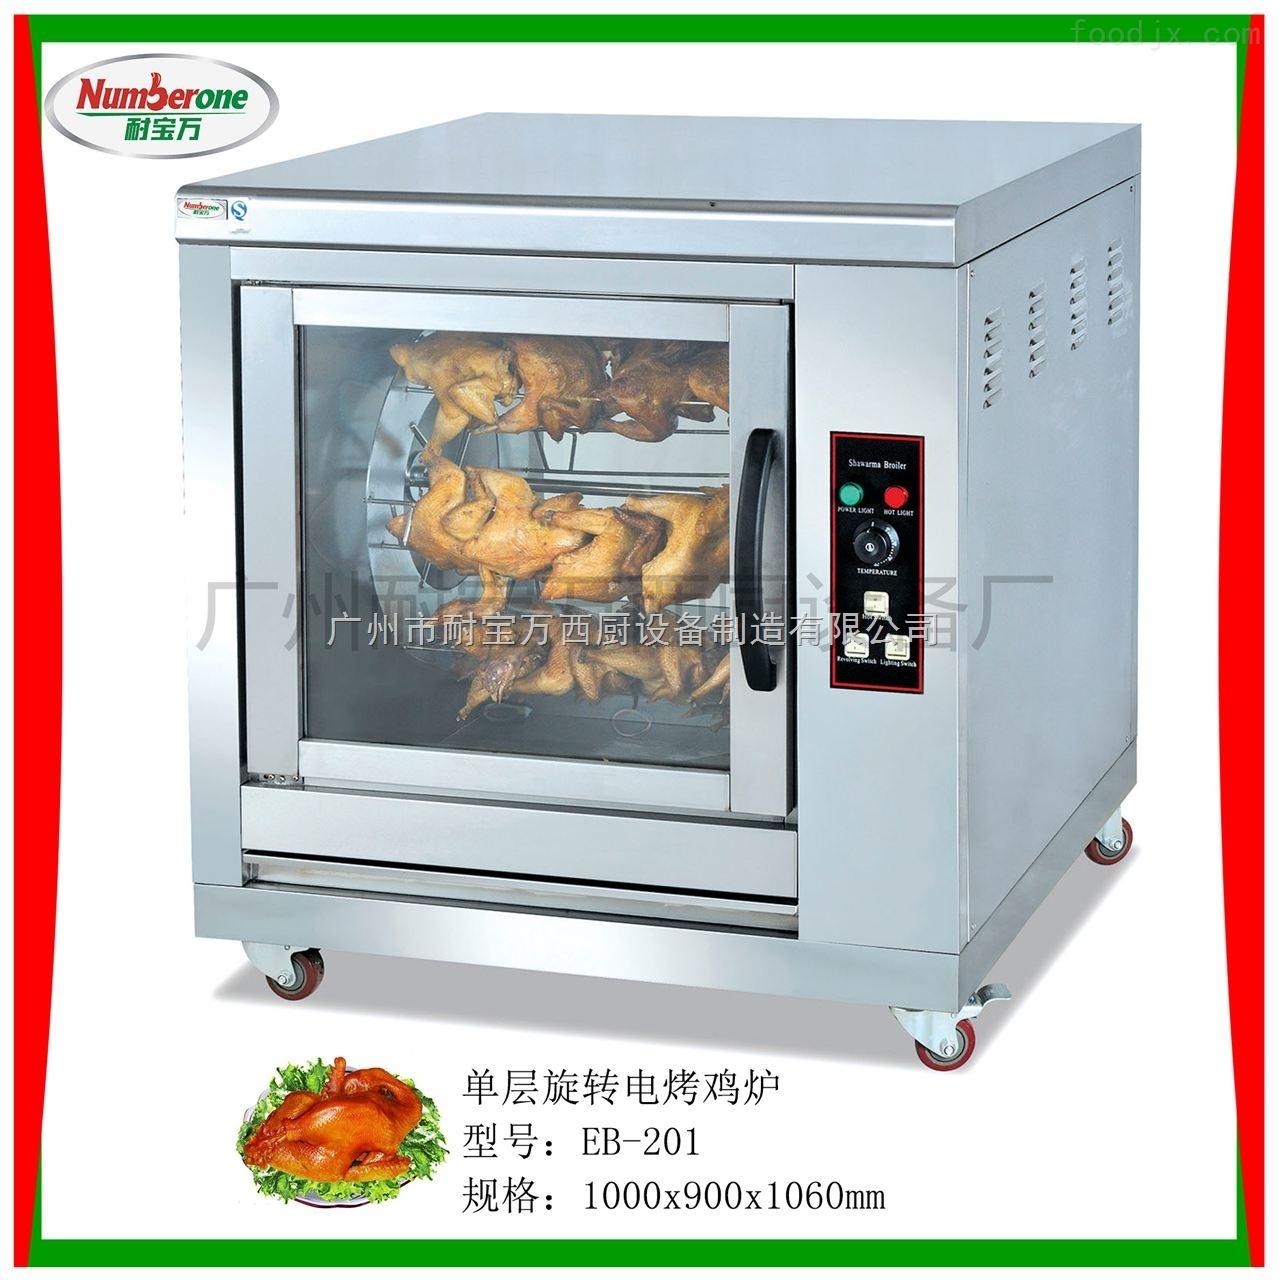 单层旋转电烤鸡炉